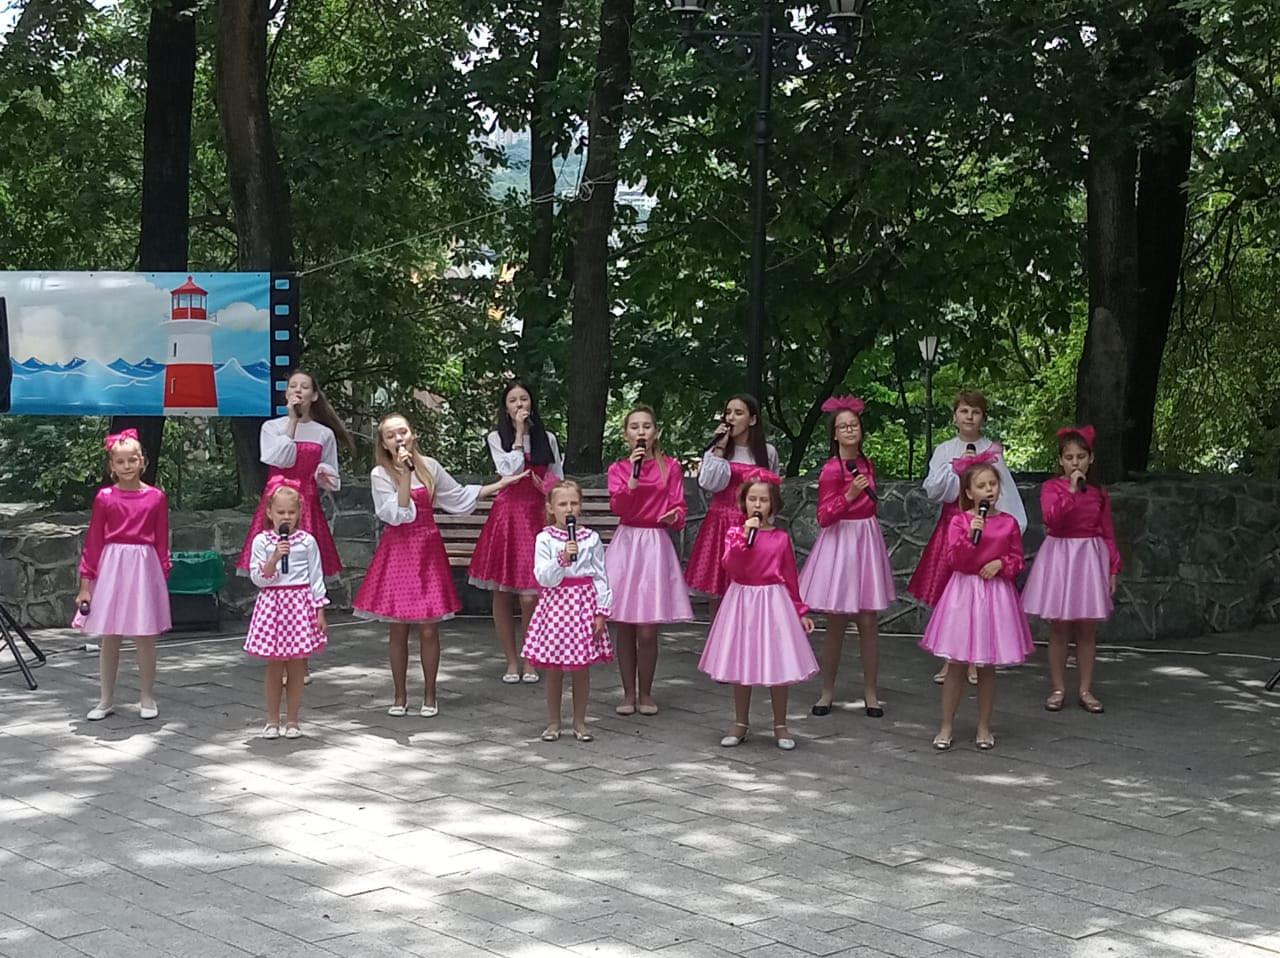 Гимн России исполнили на праздничном концерте во Владивостоке в необычной аранжировке